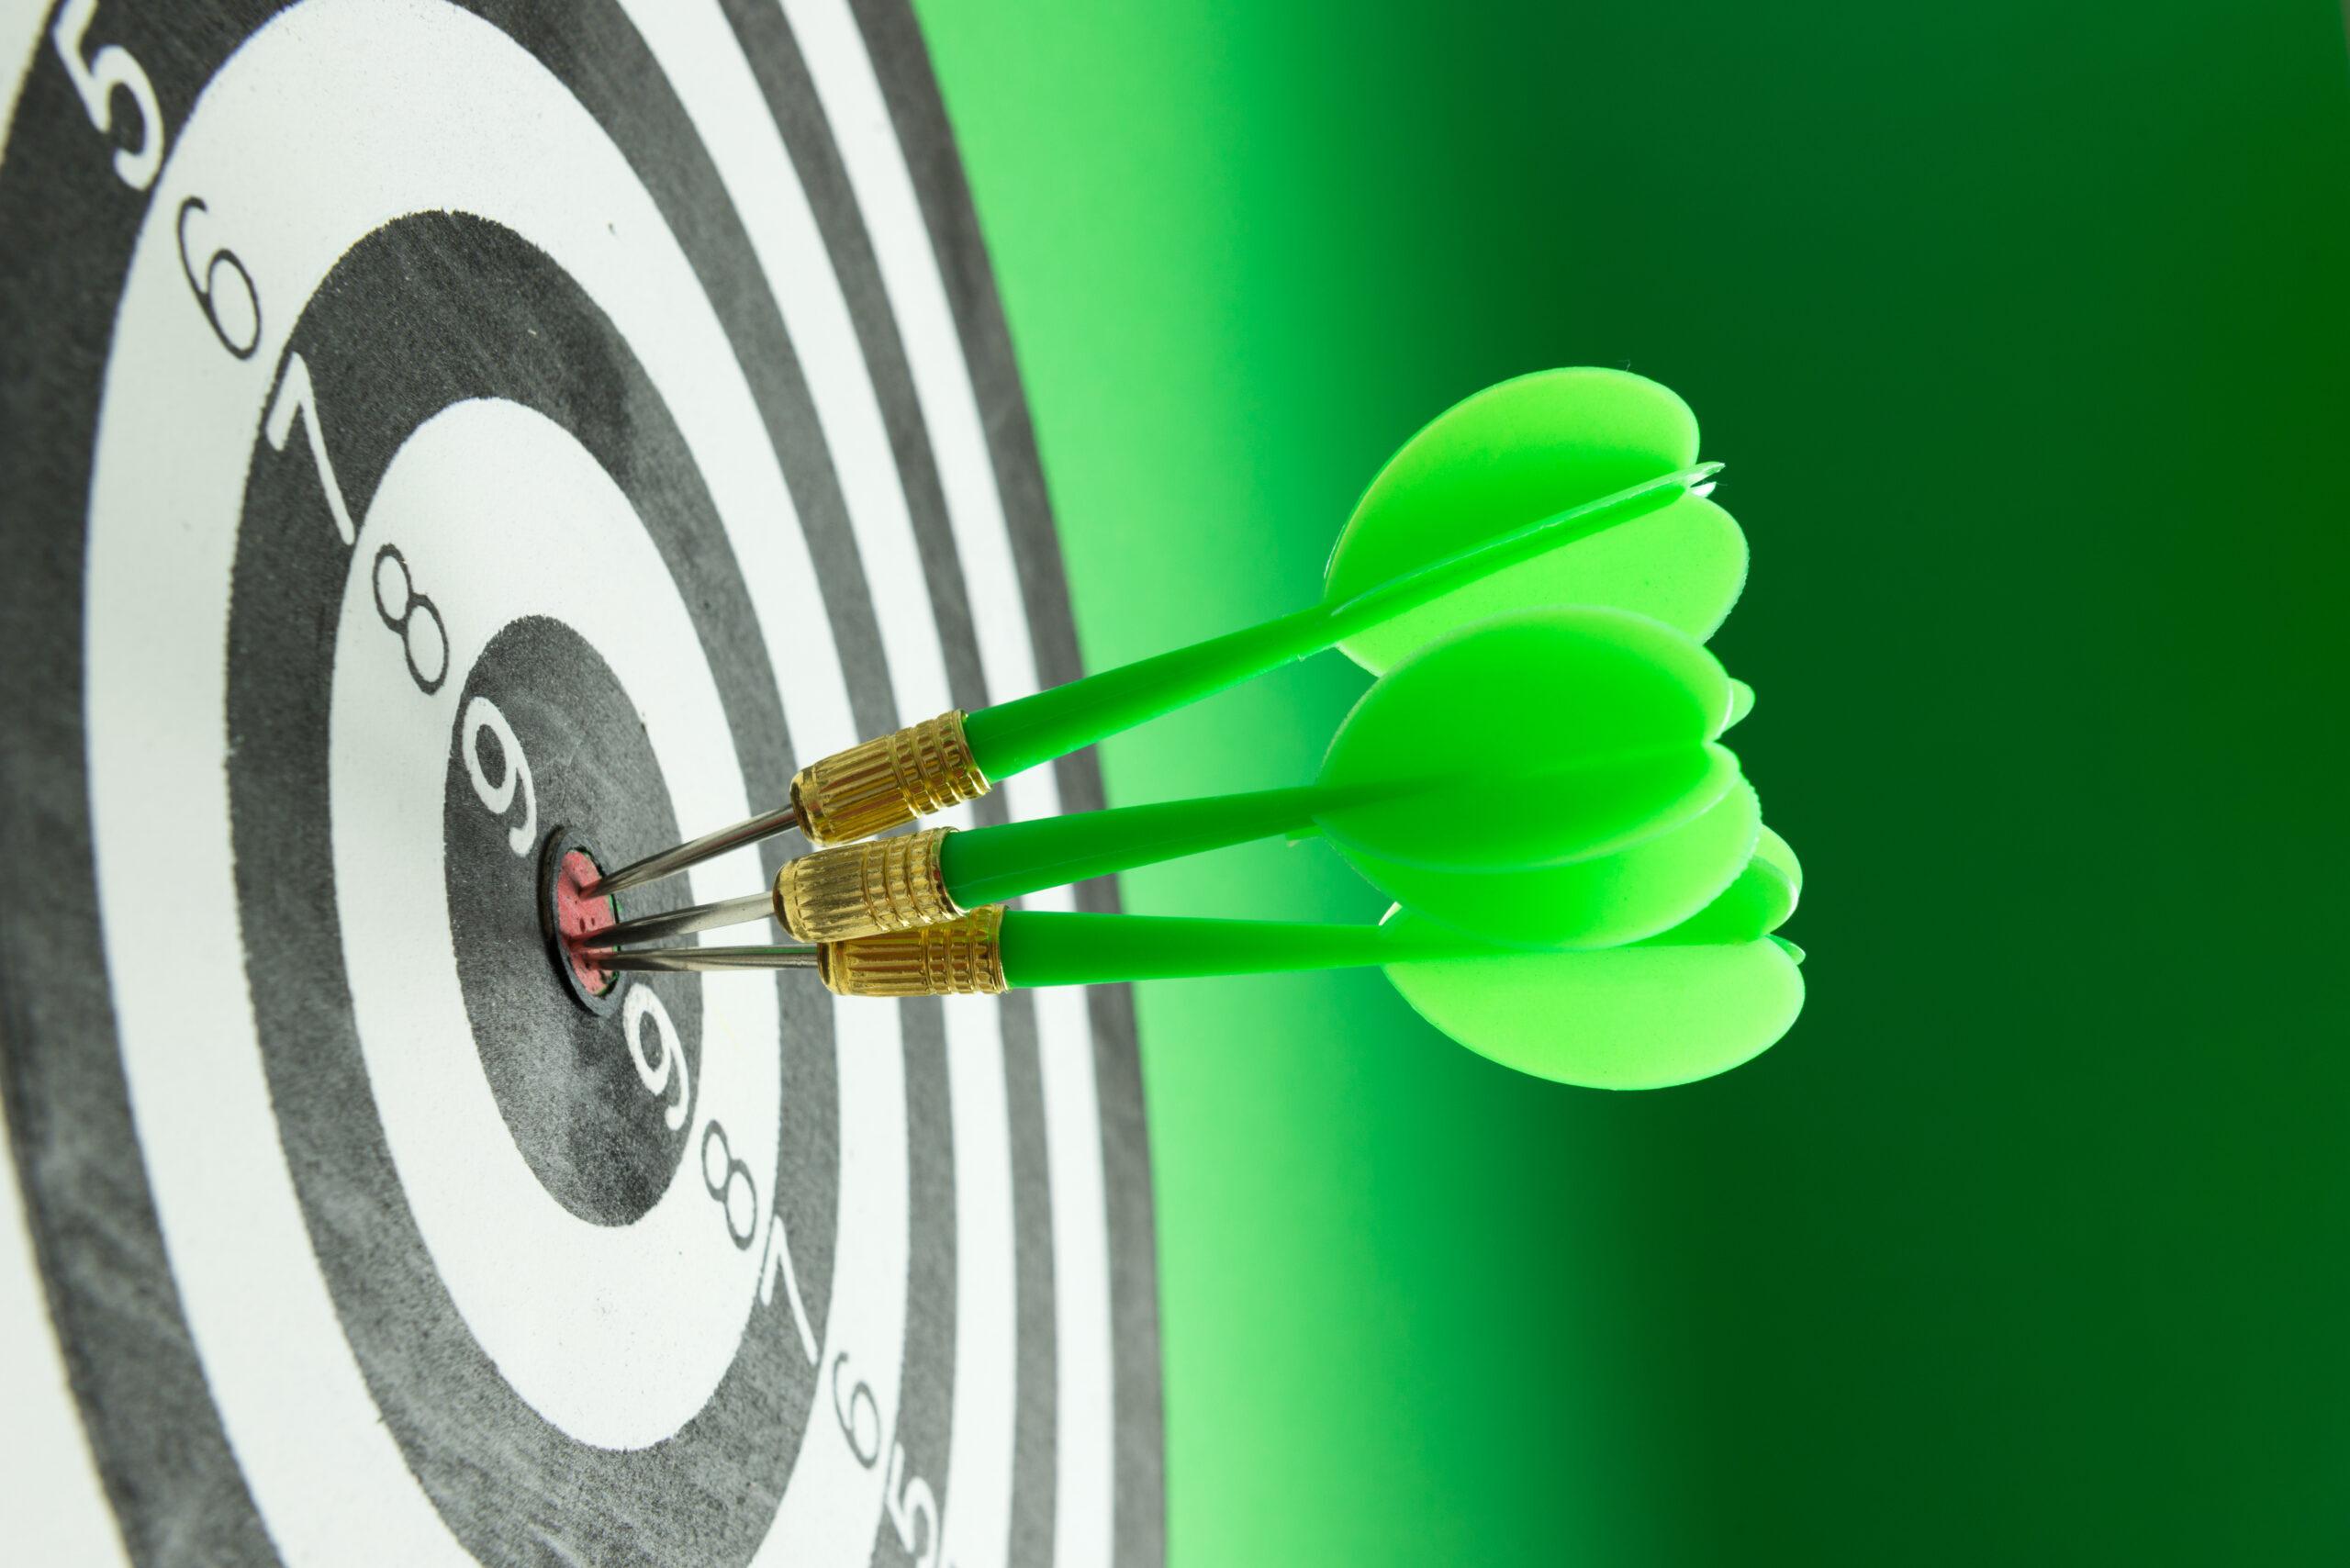 Eine Zielscheibe symbolisiert die Lücke in der Pädagogik. Klar definierte Ziele.